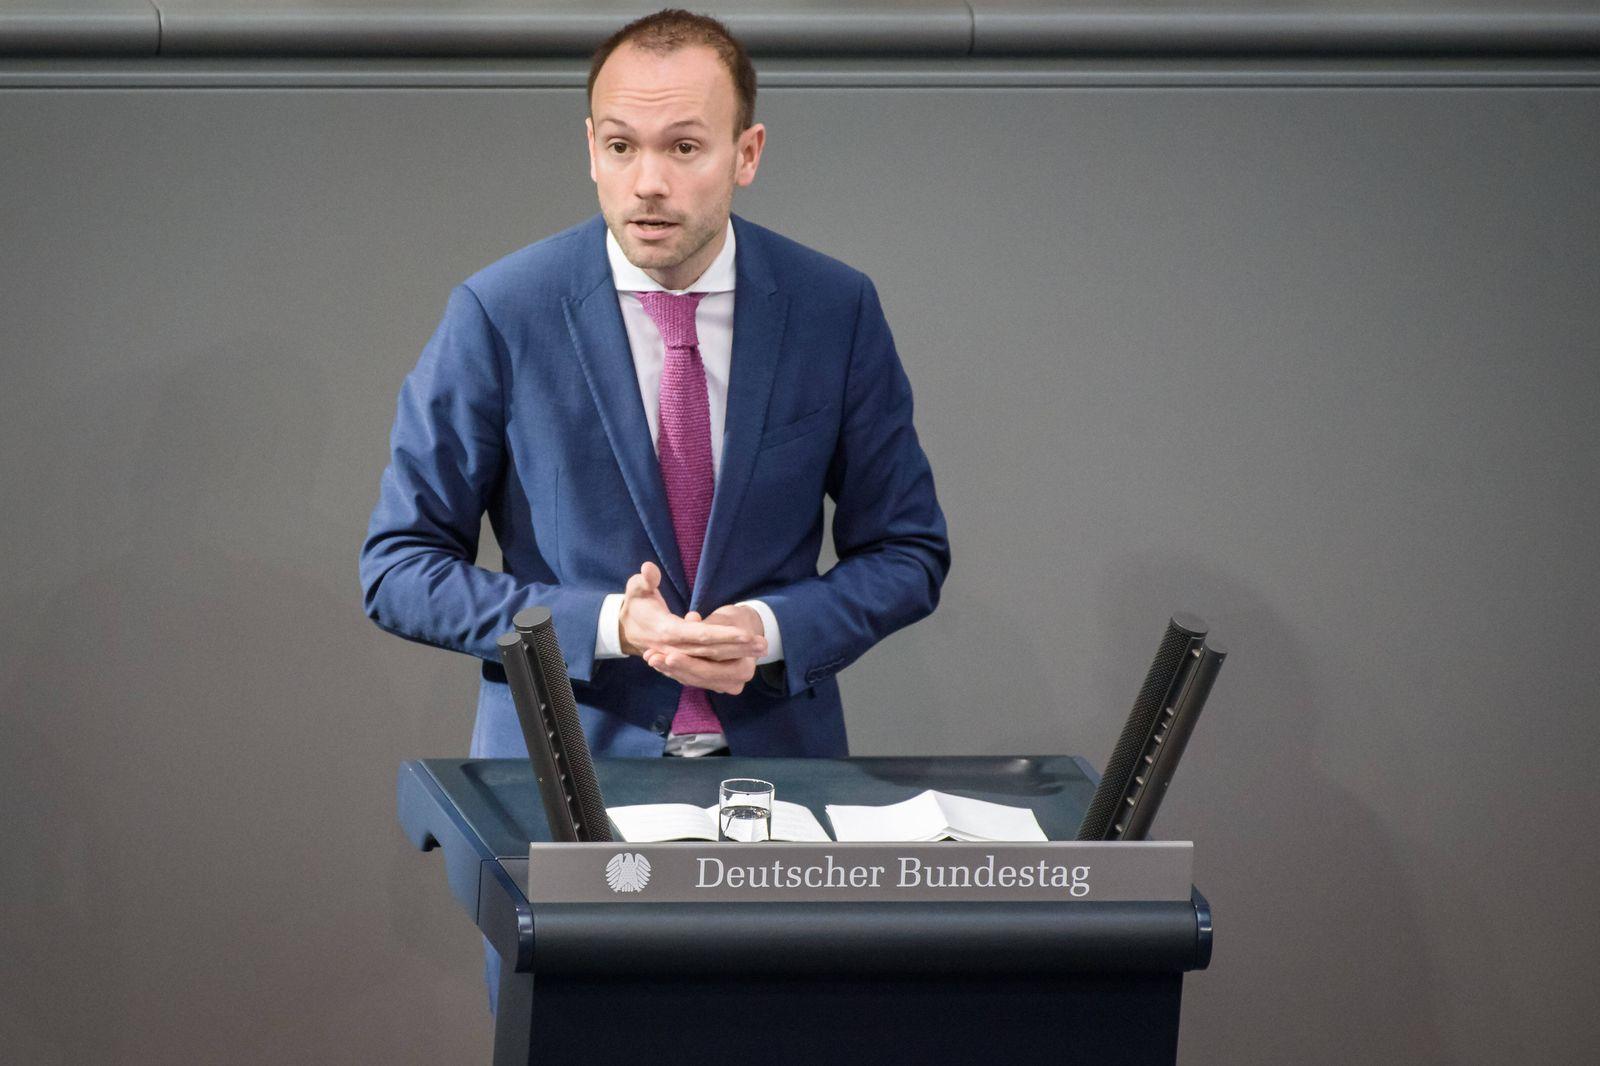 Sitzung des deutschen Bundestags Deutschland, Berlin - 25.10.2019: Im Bild ist Nikolas Löbel (CDU) während der Sitzung